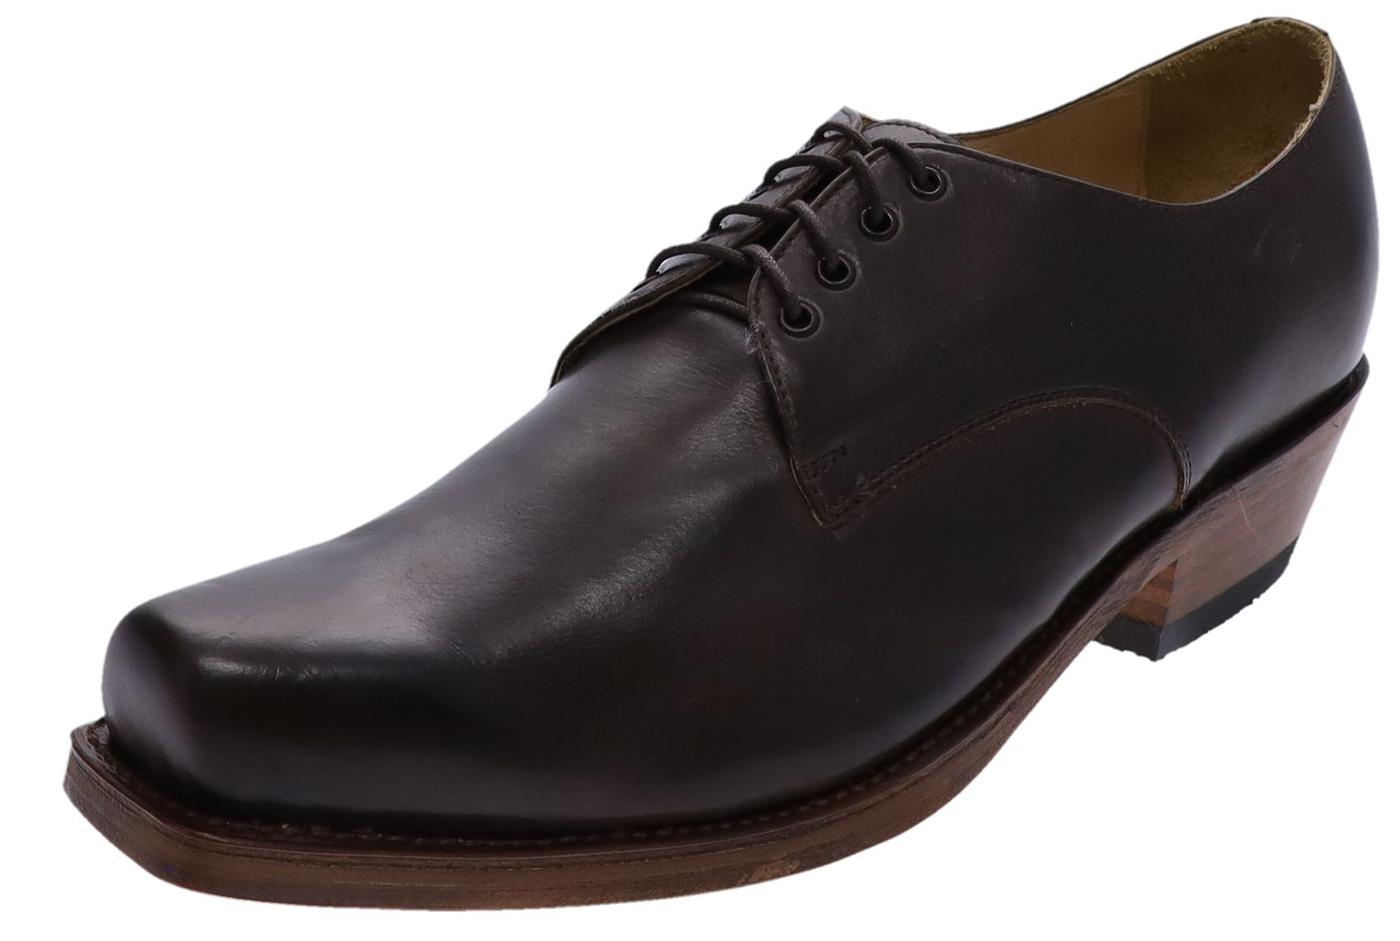 Sendra Boots 5717 Marron Western low shoe - Brown